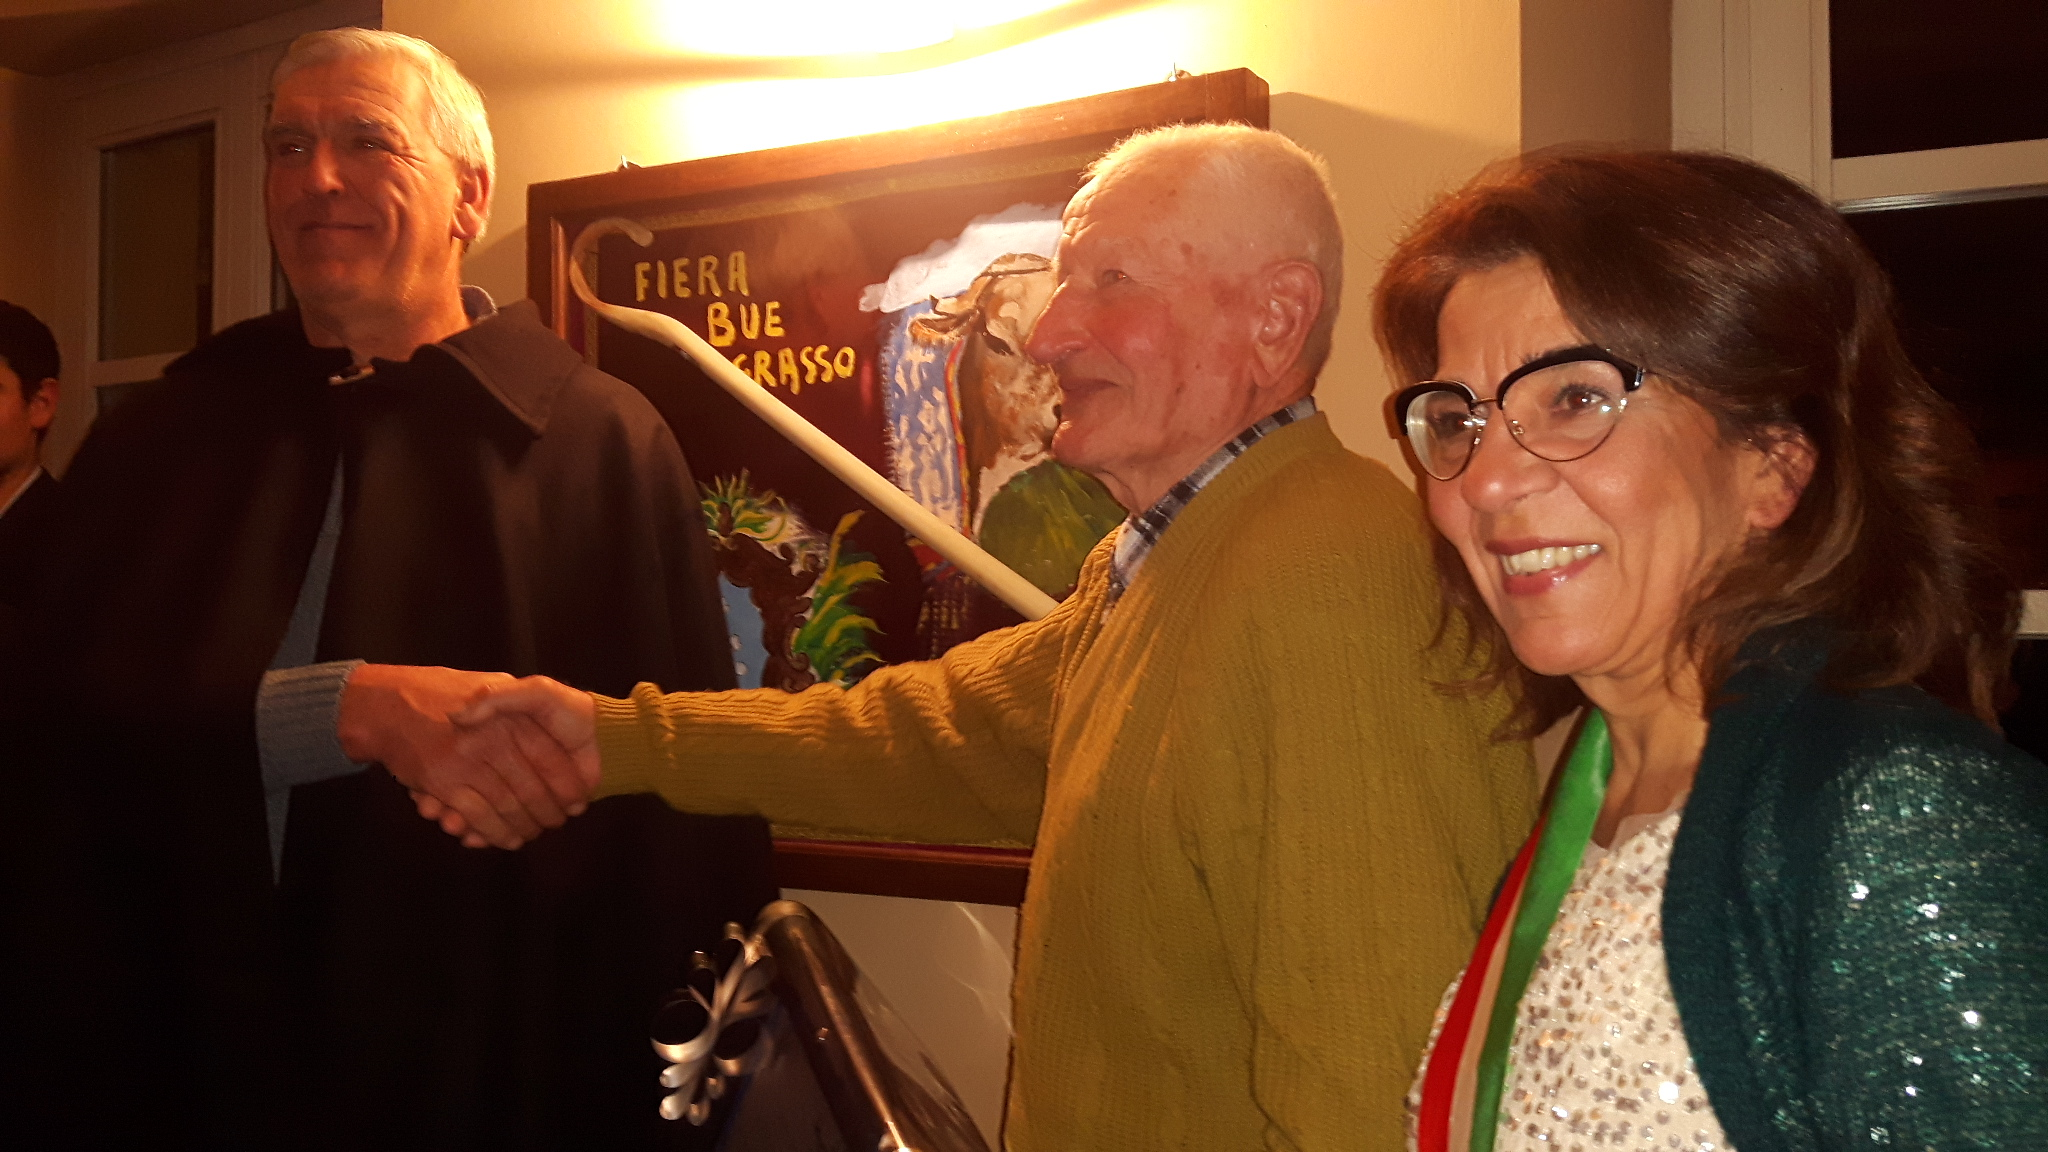 Cerimonia di consegna di un riconoscimento da parte dell'Amministrazione comunale all'87enne Giacomo Vinai di Pianfei (CN) per i 50 anni di onorata attività da tucau.